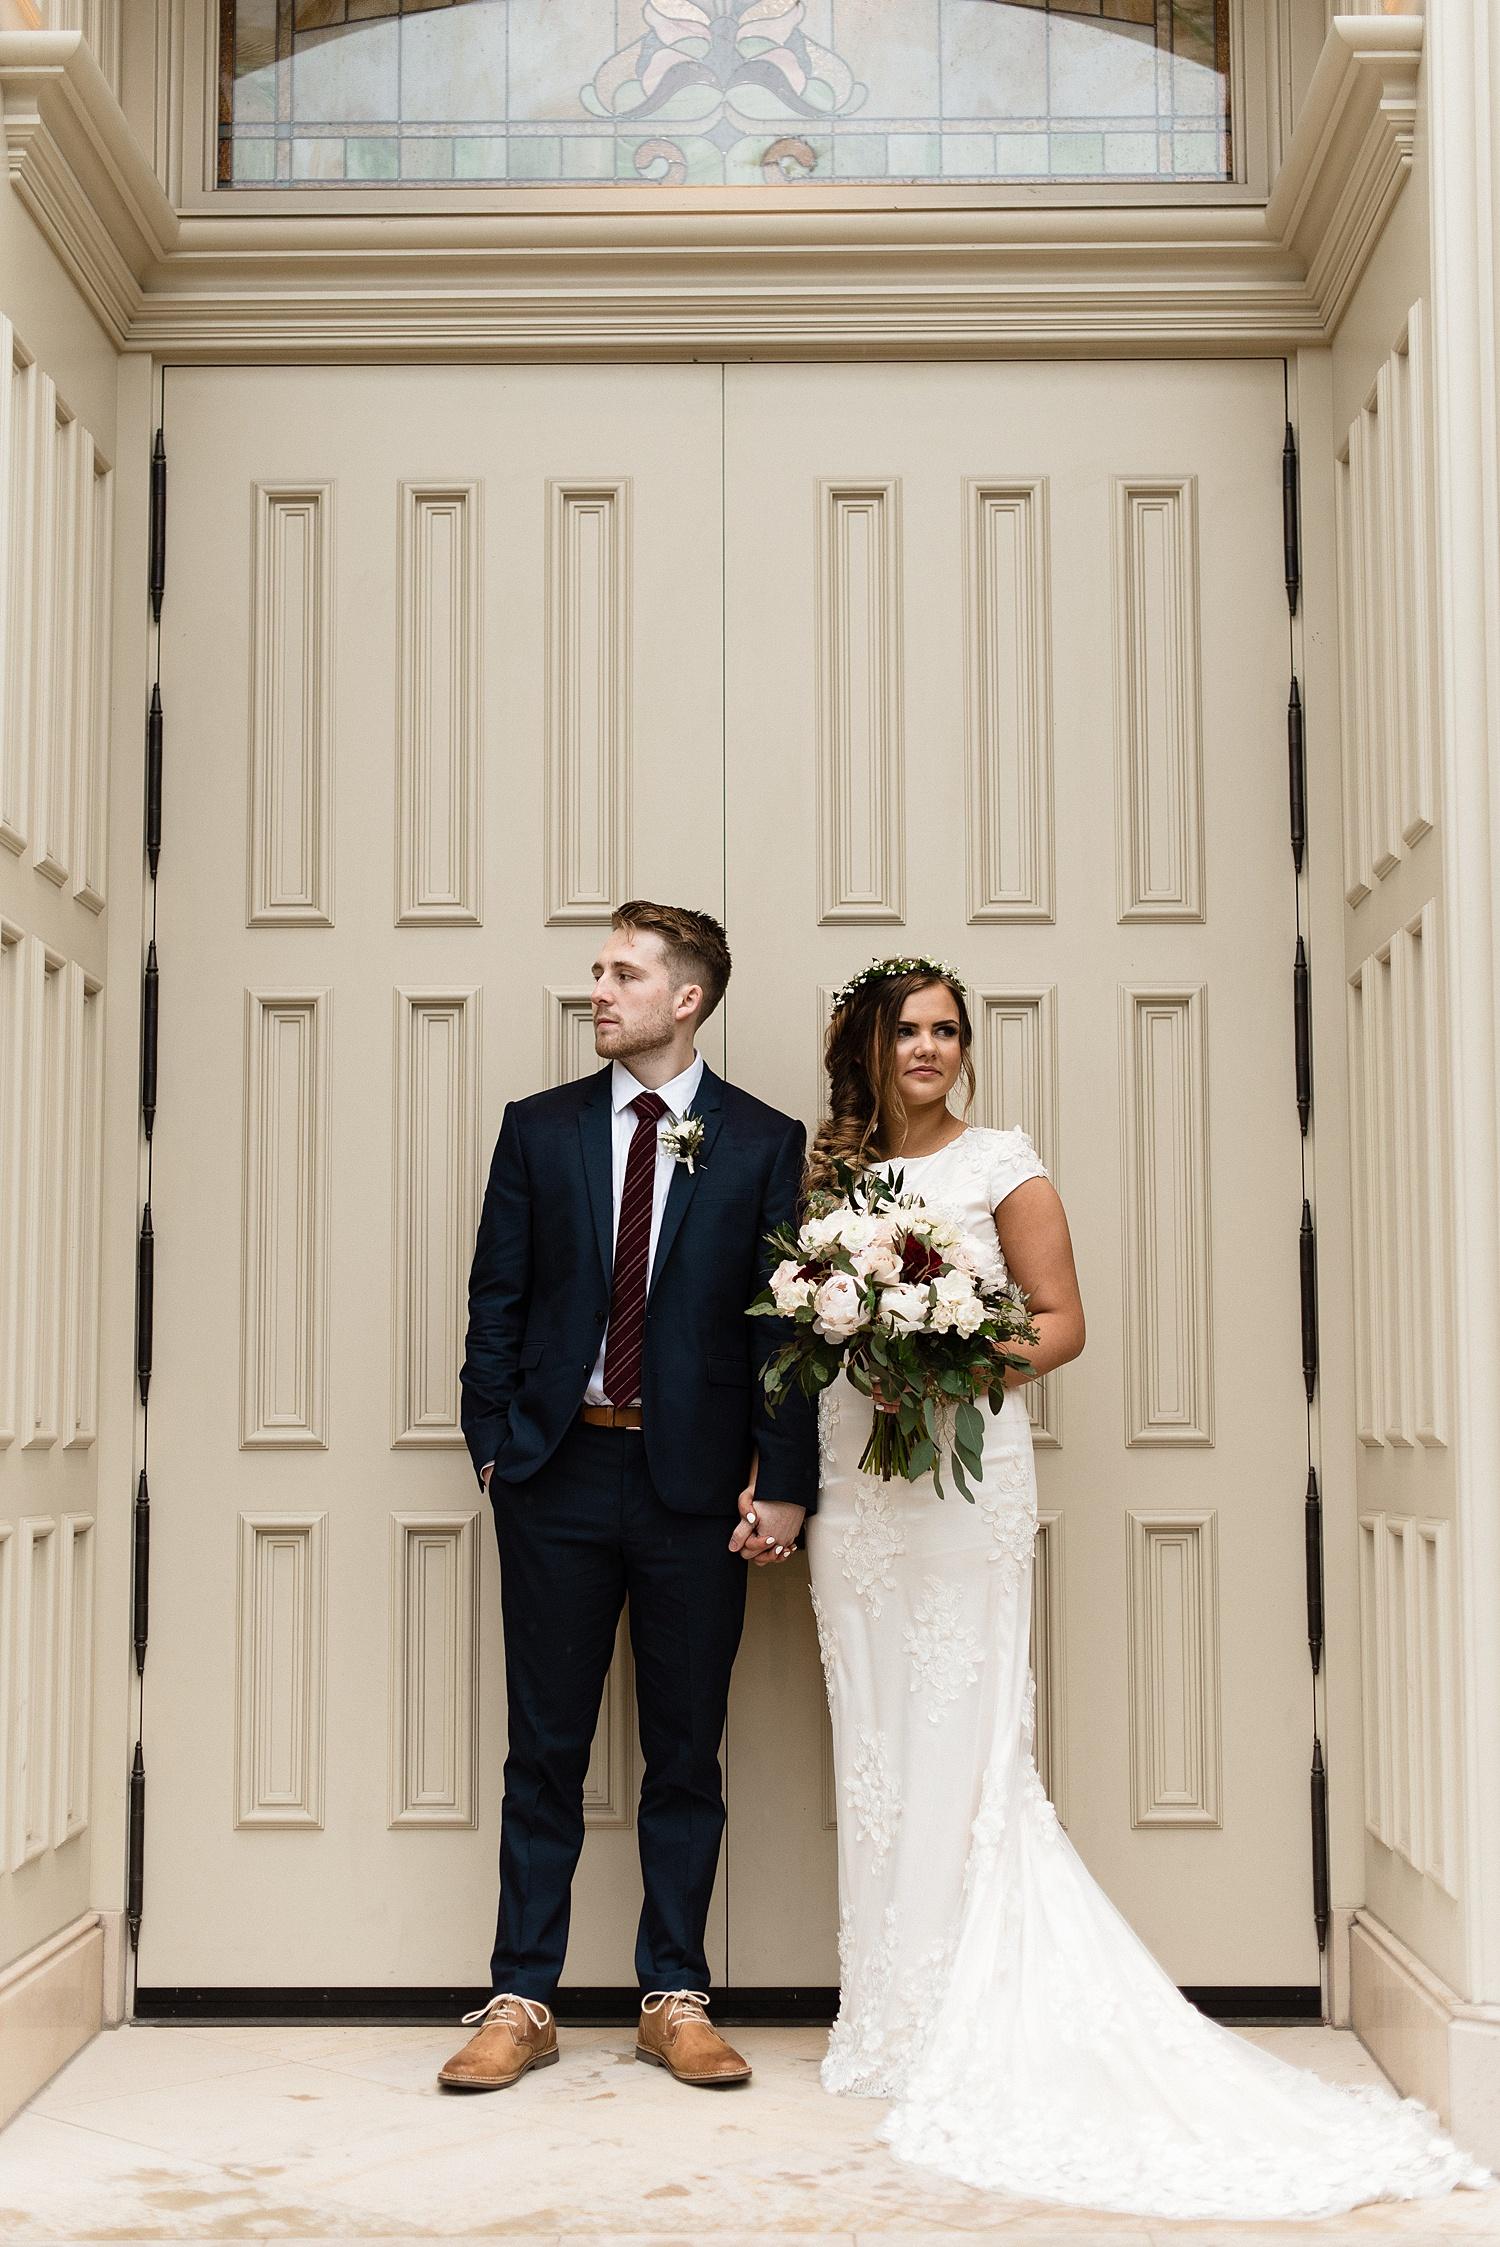 Zandra Barriga Photo - Dallas and Megan Wedding_0022.jpg